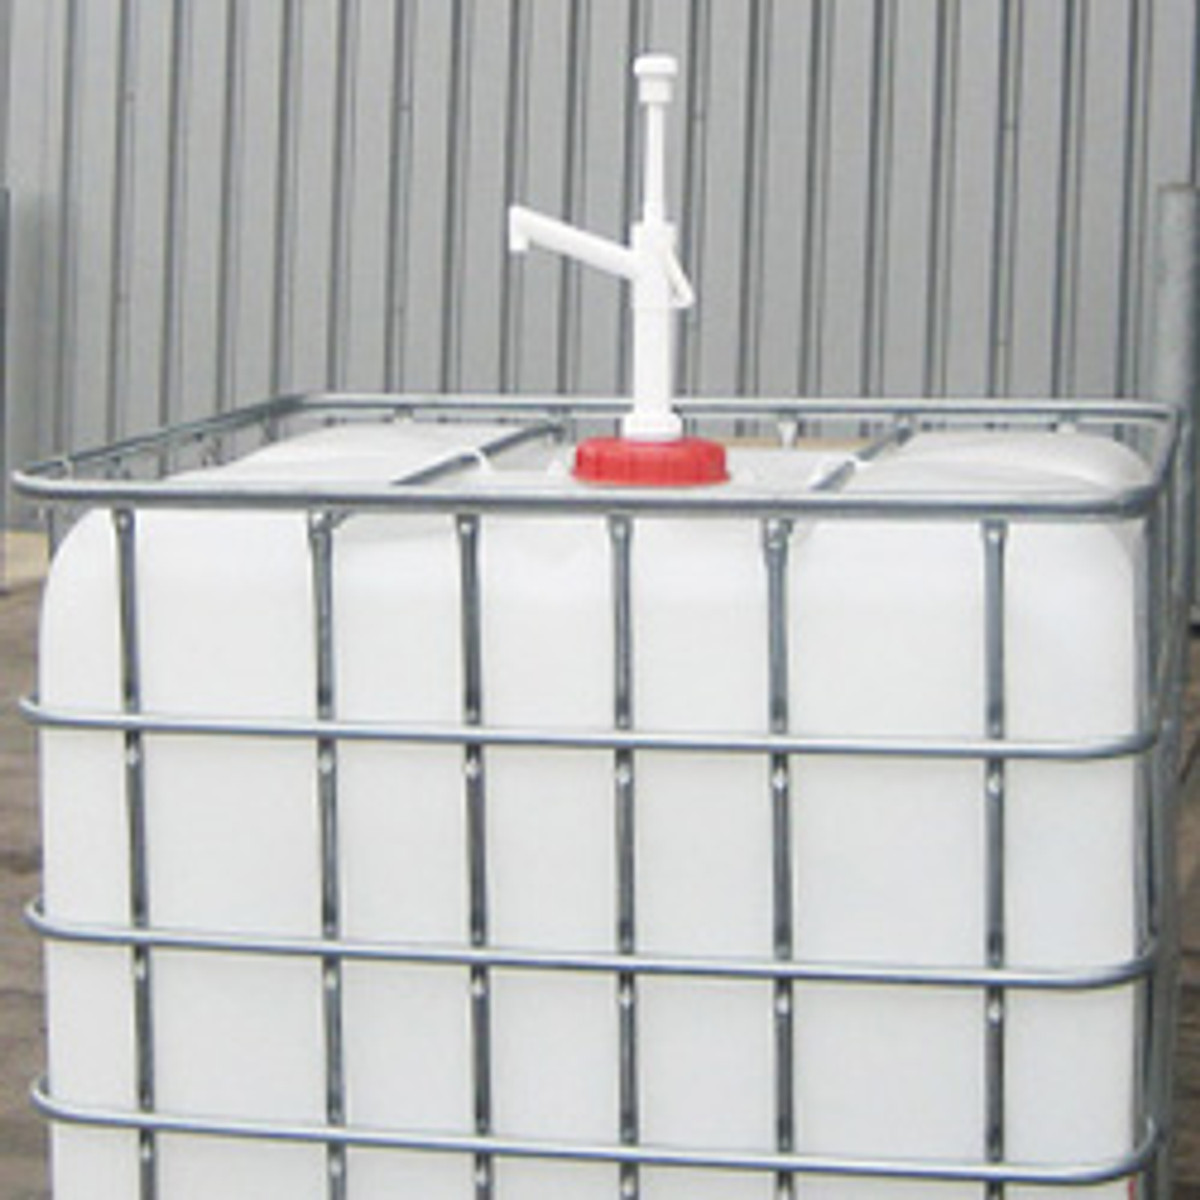 IBC Tote Drum Pump, Polypropylene, 26oz/stroke